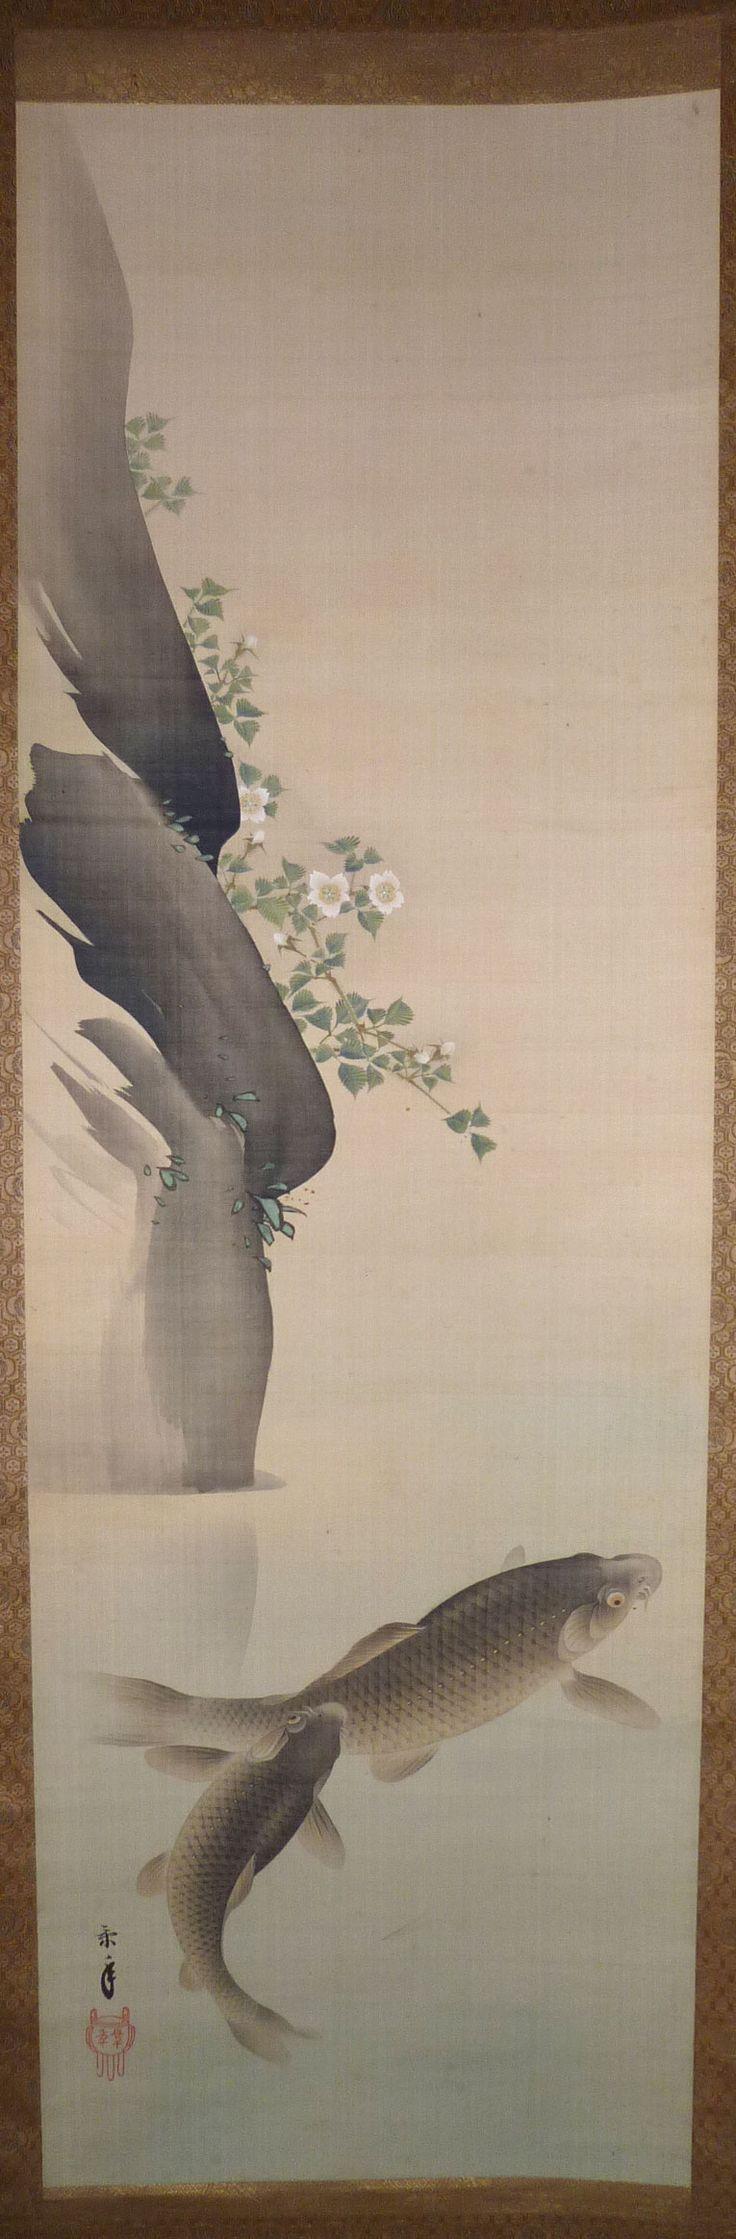 Ichiryusai HIROSHIGE (1797-1858)